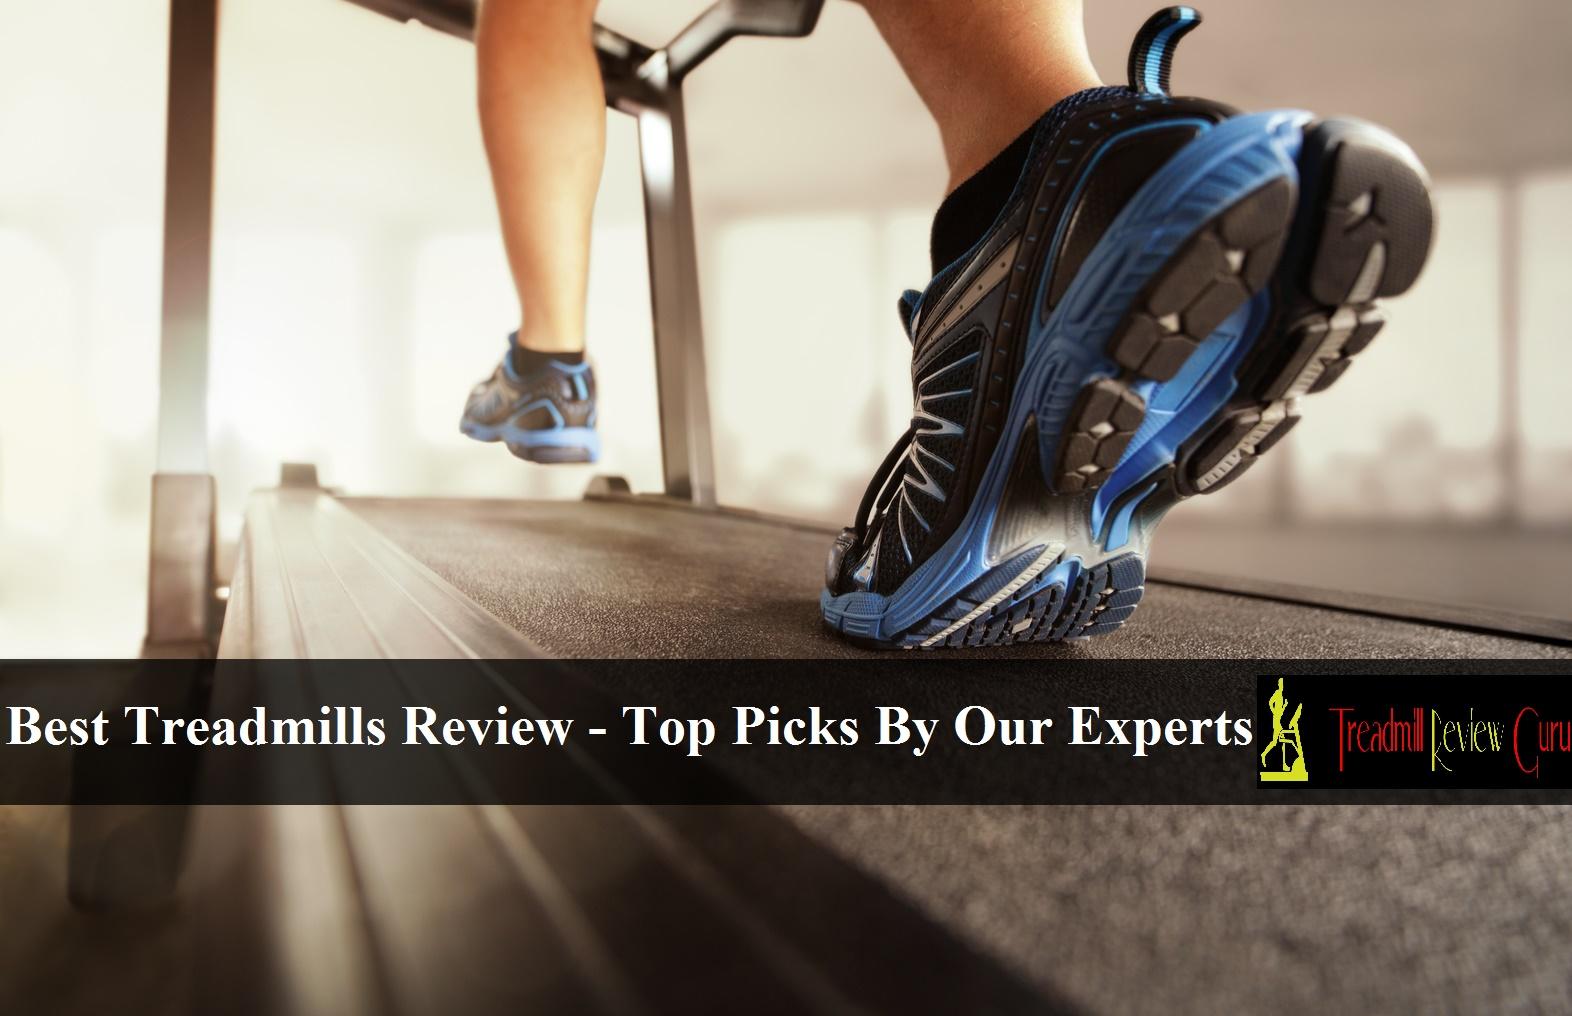 Best treadmill deals 2018